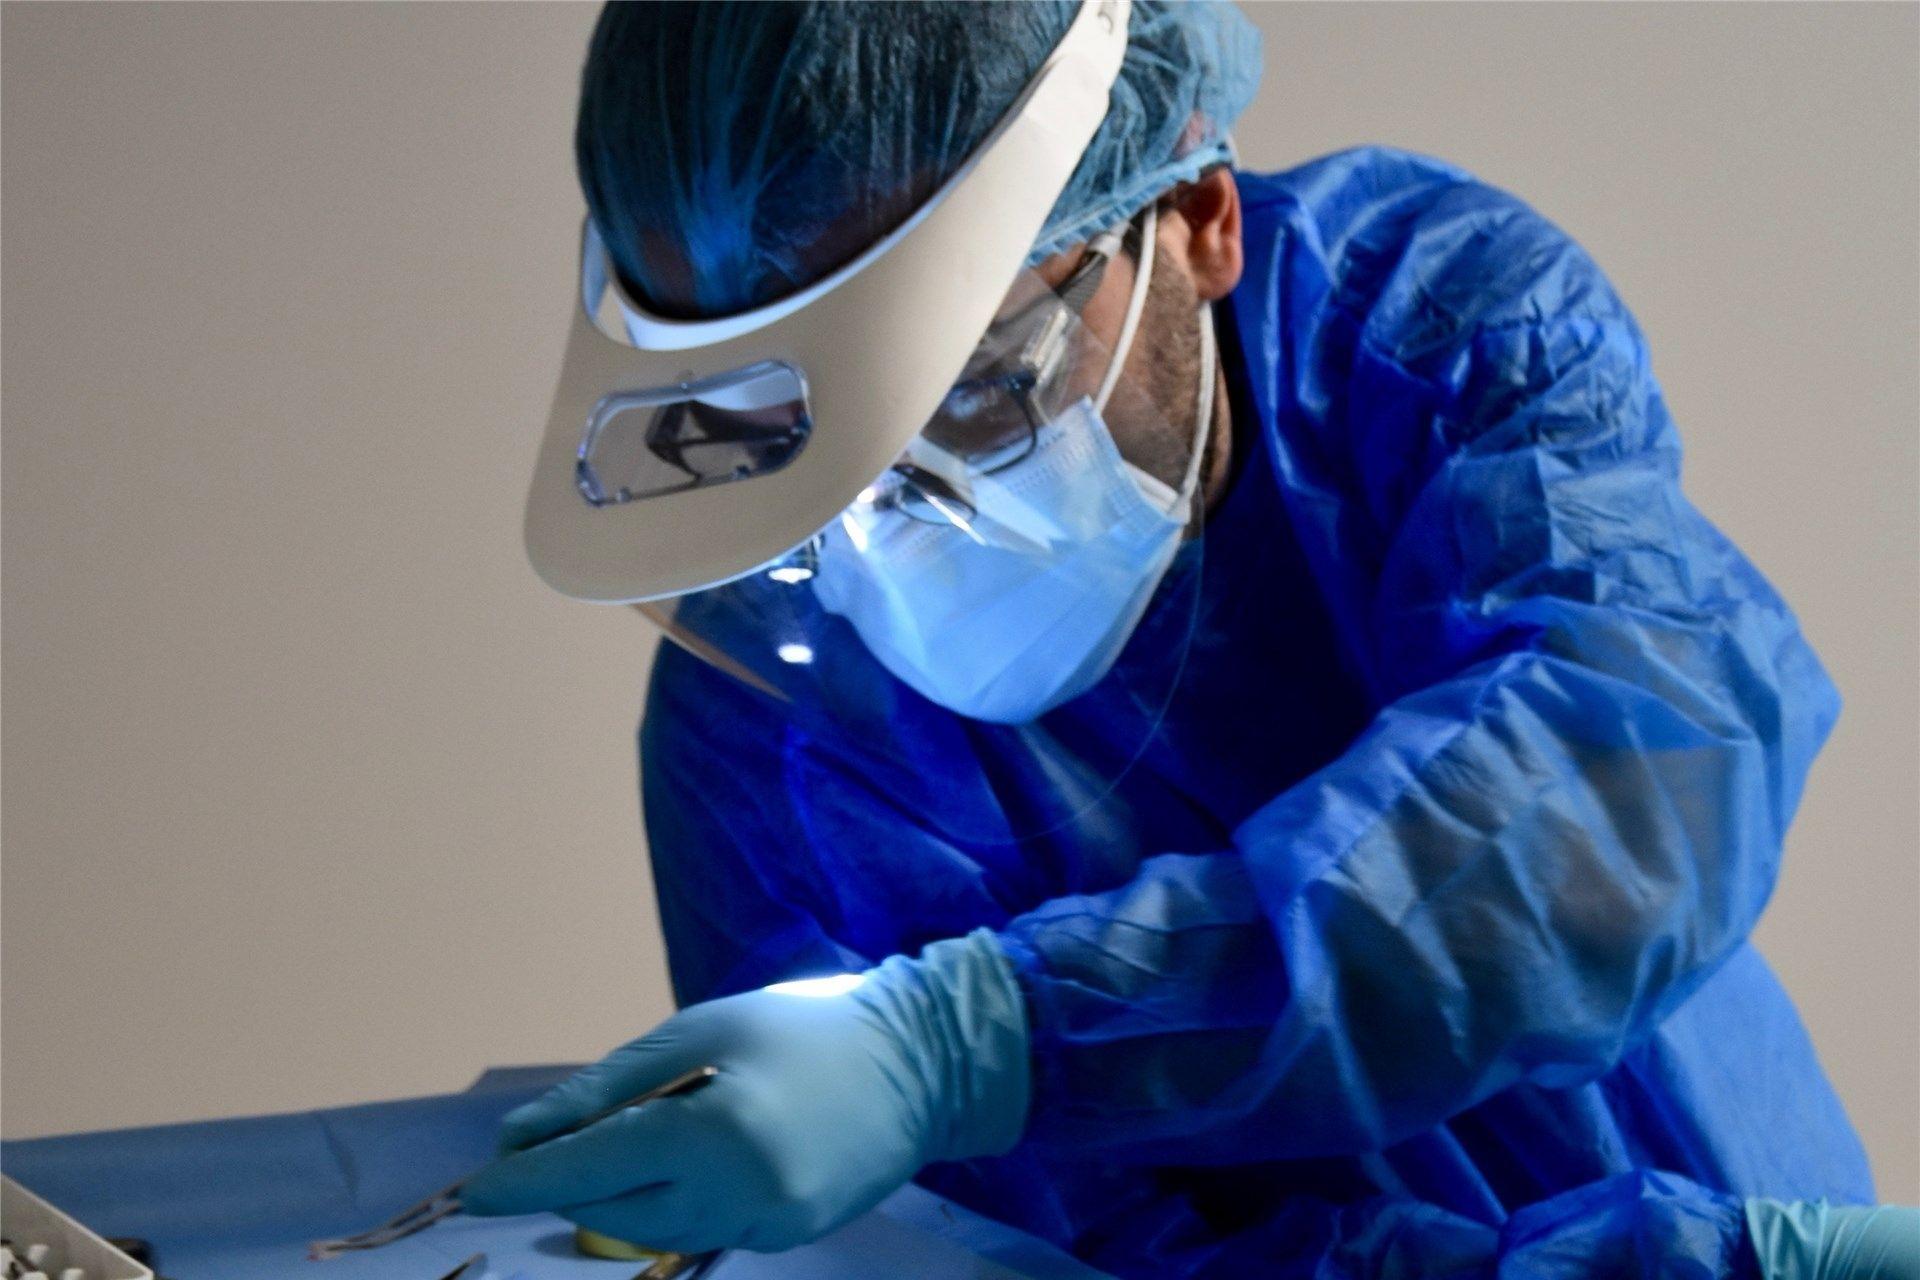 Image médecin dentiste Valente Nicola clinique dentaire du lac Morges